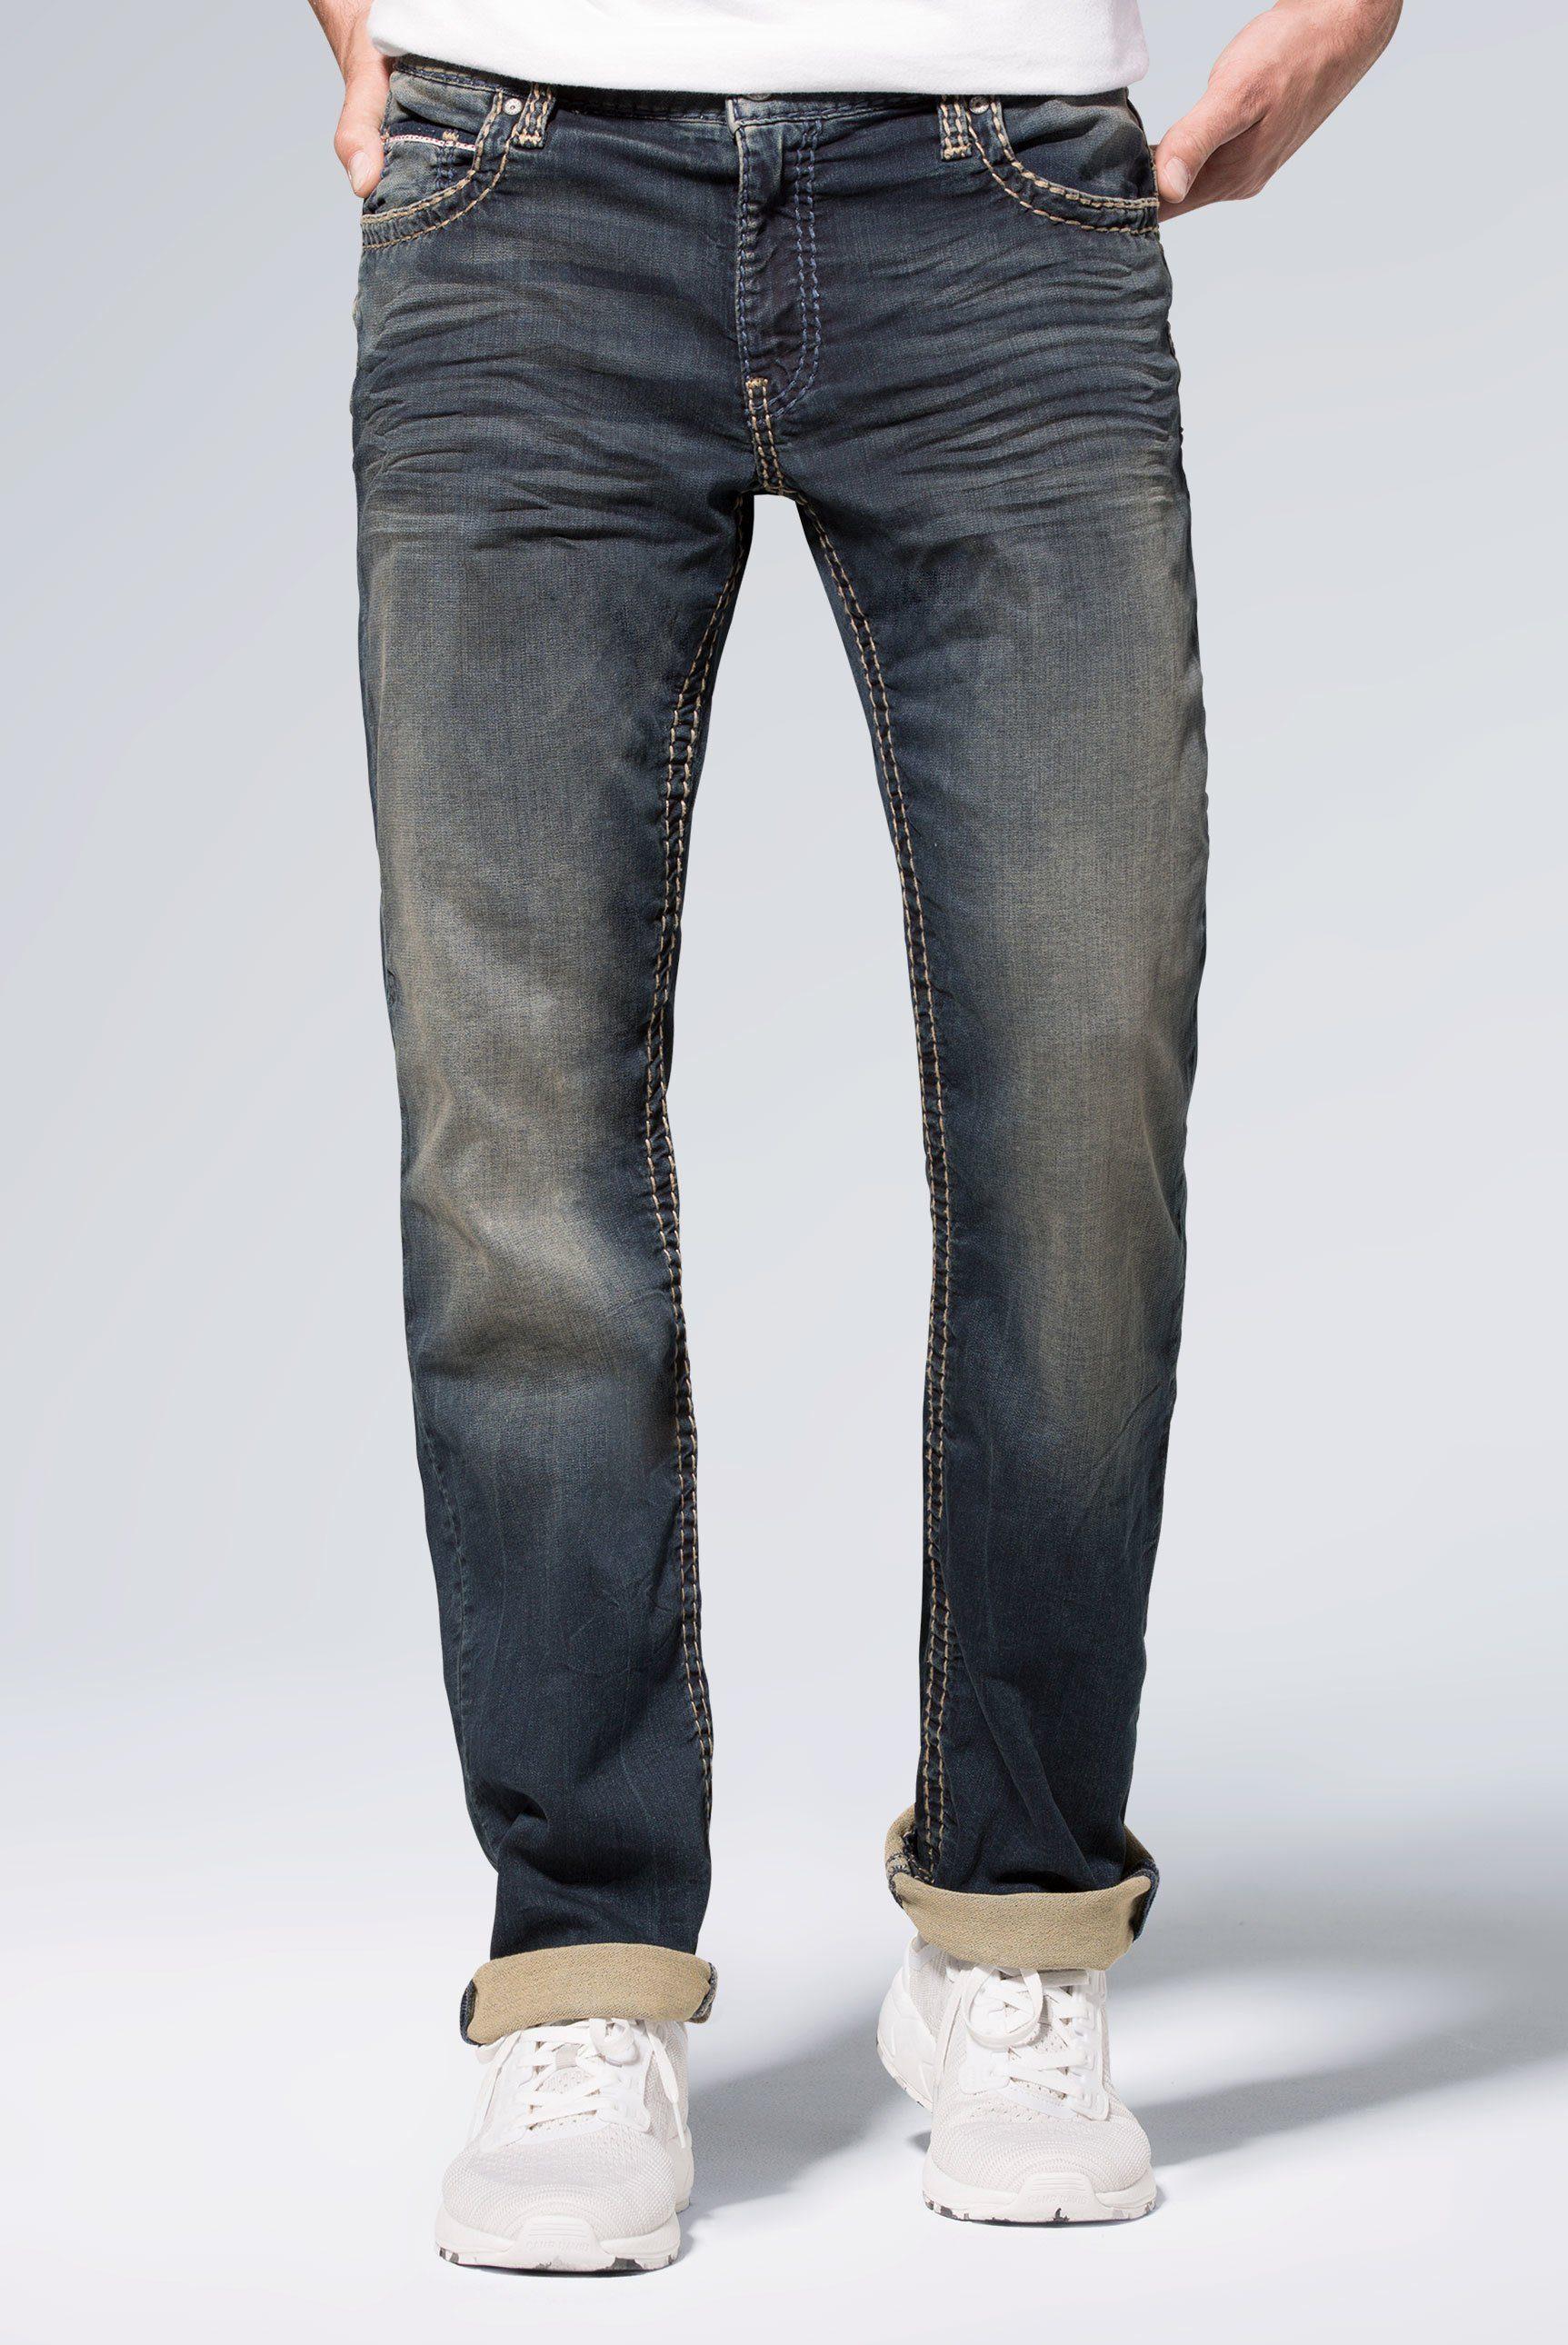 CAMP DAVID Comfort fit Jeans »CO:NO« Münztasche mit Ziernaht online kaufen | OTTO